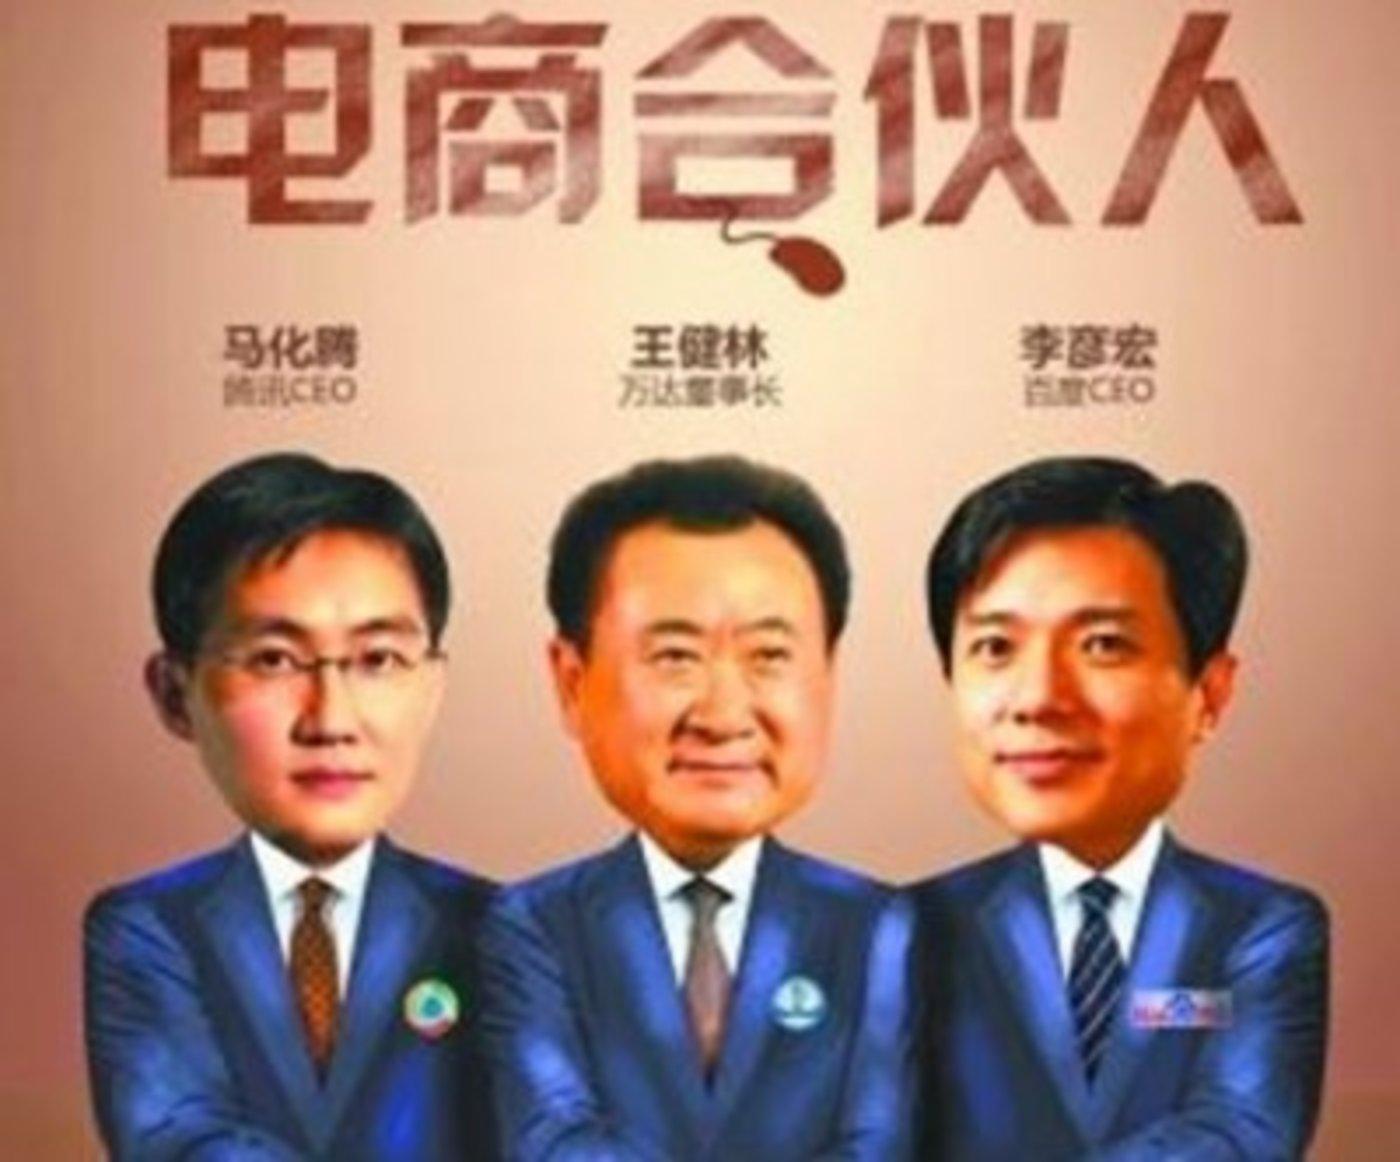 凌云:评万达百度腾讯组团电商